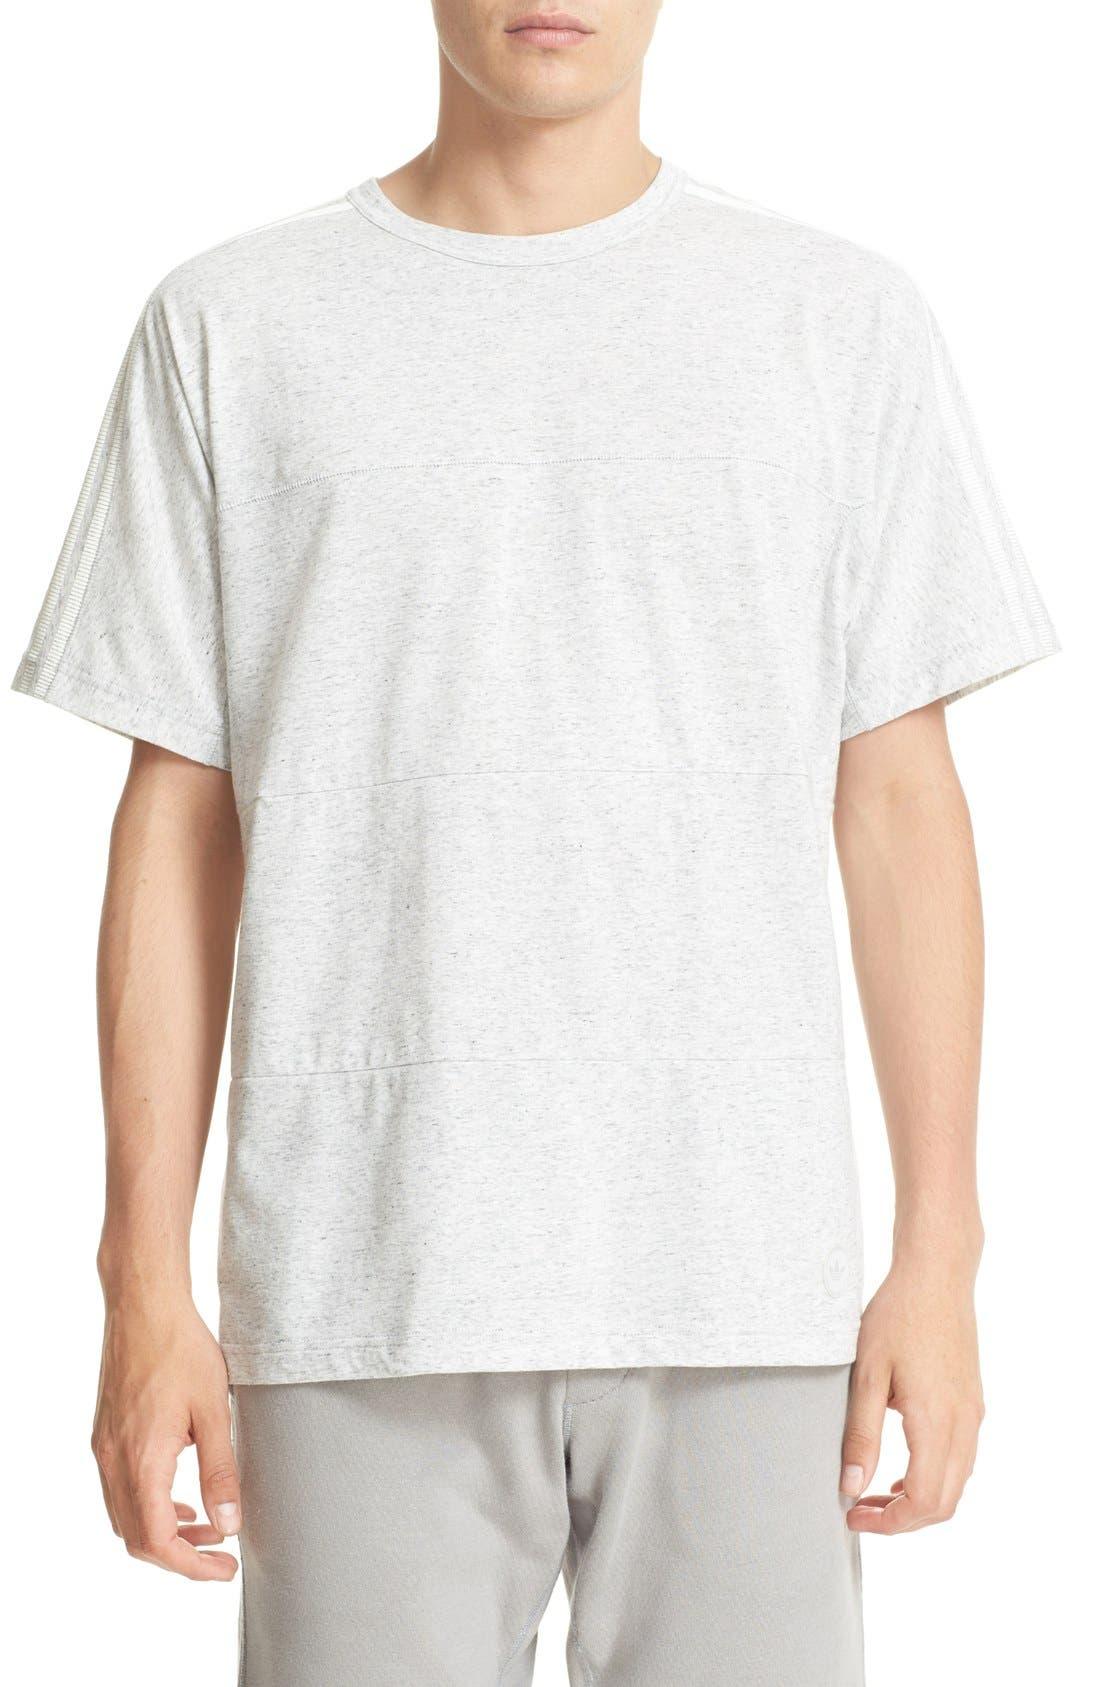 Cotton Blend T-Shirt,                             Main thumbnail 1, color,                             100